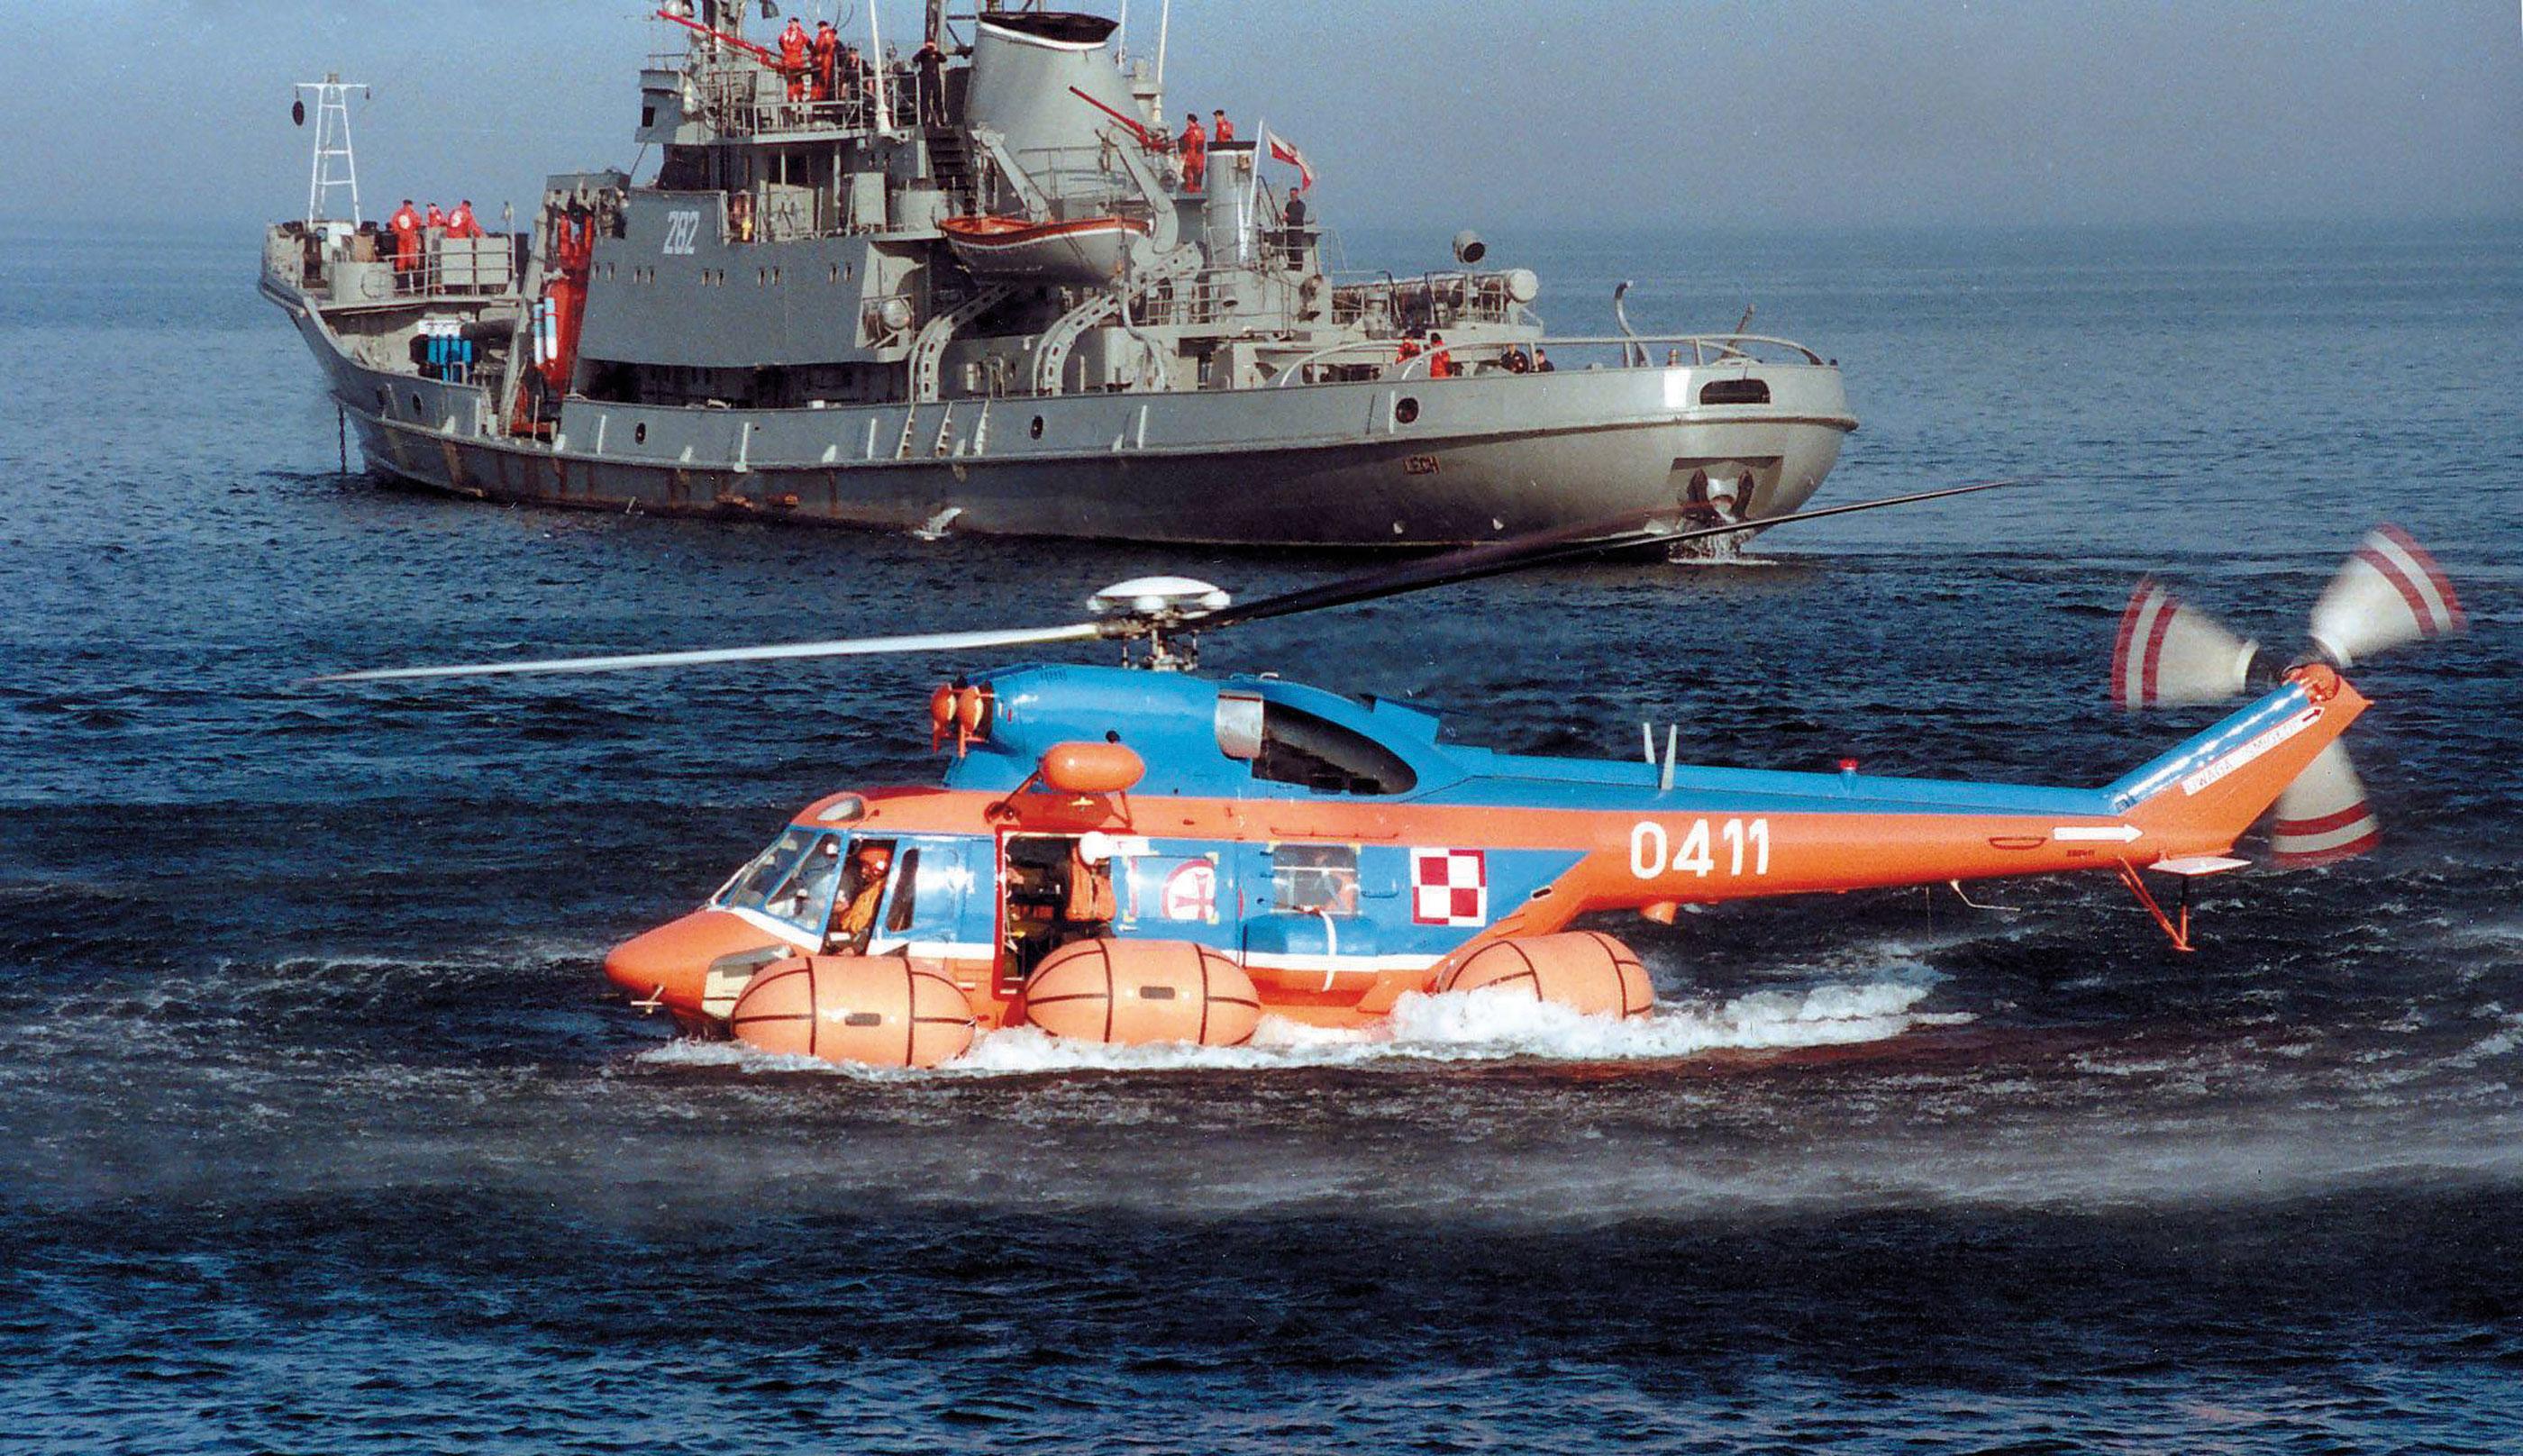 Śmigłowce PZL-Świdnik W-3 Sokół i W-3RM Anakonda w lotnictwie Marynarki Wojennej